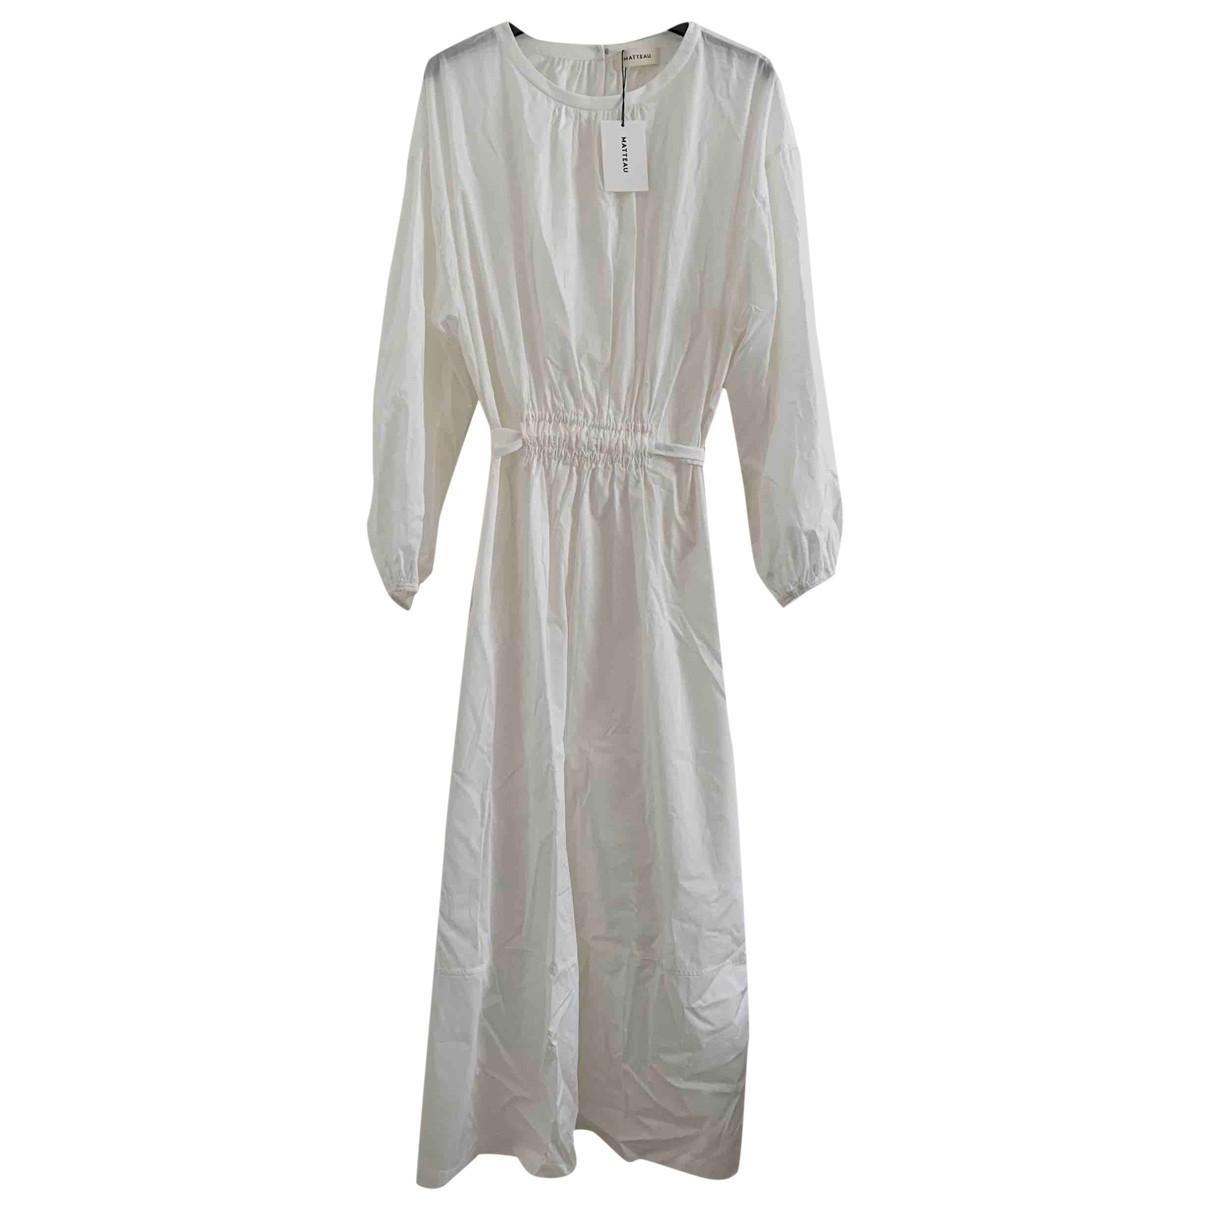 Matteau \N White Cotton dress for Women 2 0-5